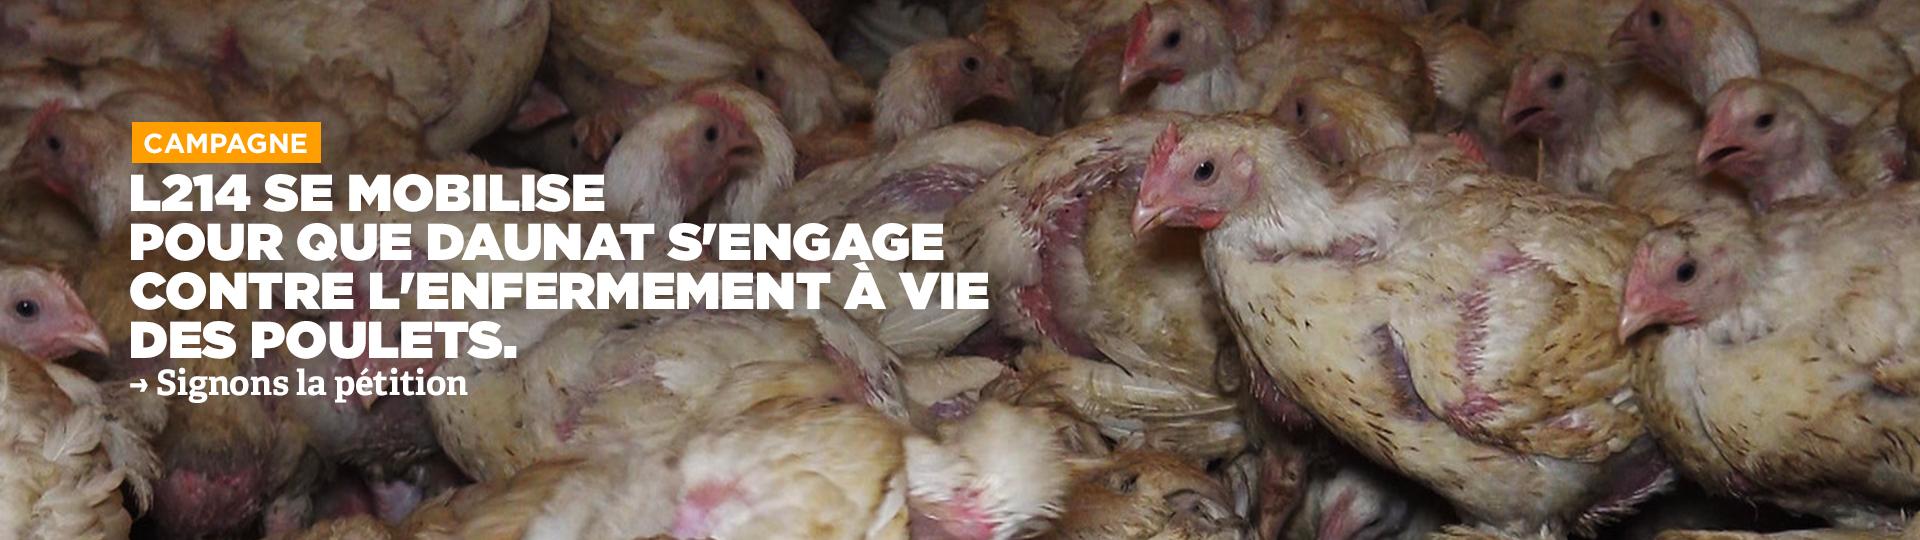 L214 se mobilise pour que Daunat cesse l'enfermement à vie des poulets